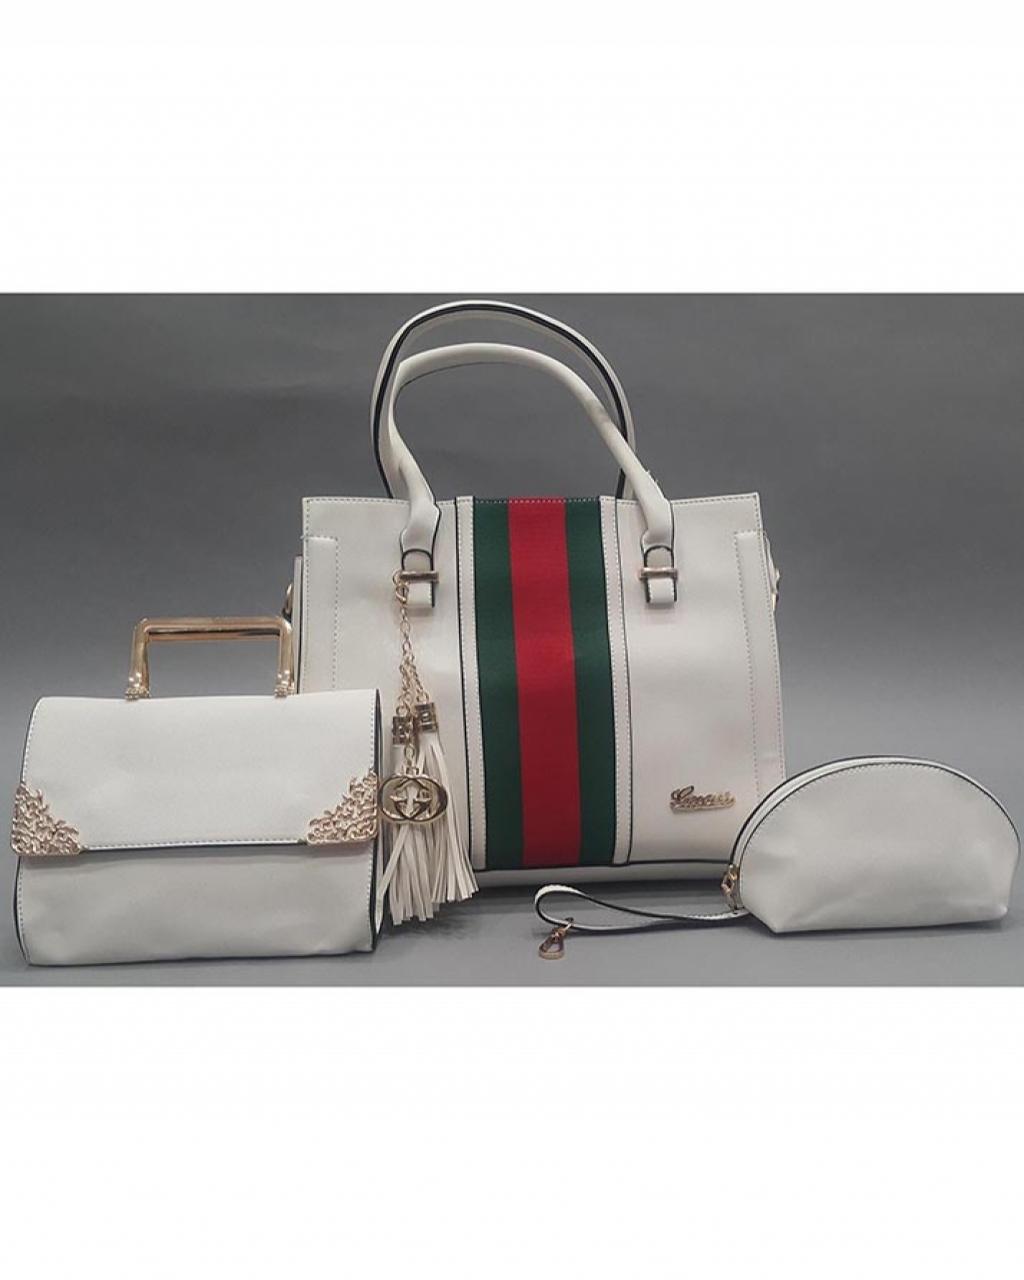 Buy Guess Ladies Handbag in Pakistan  31c072c6e467c